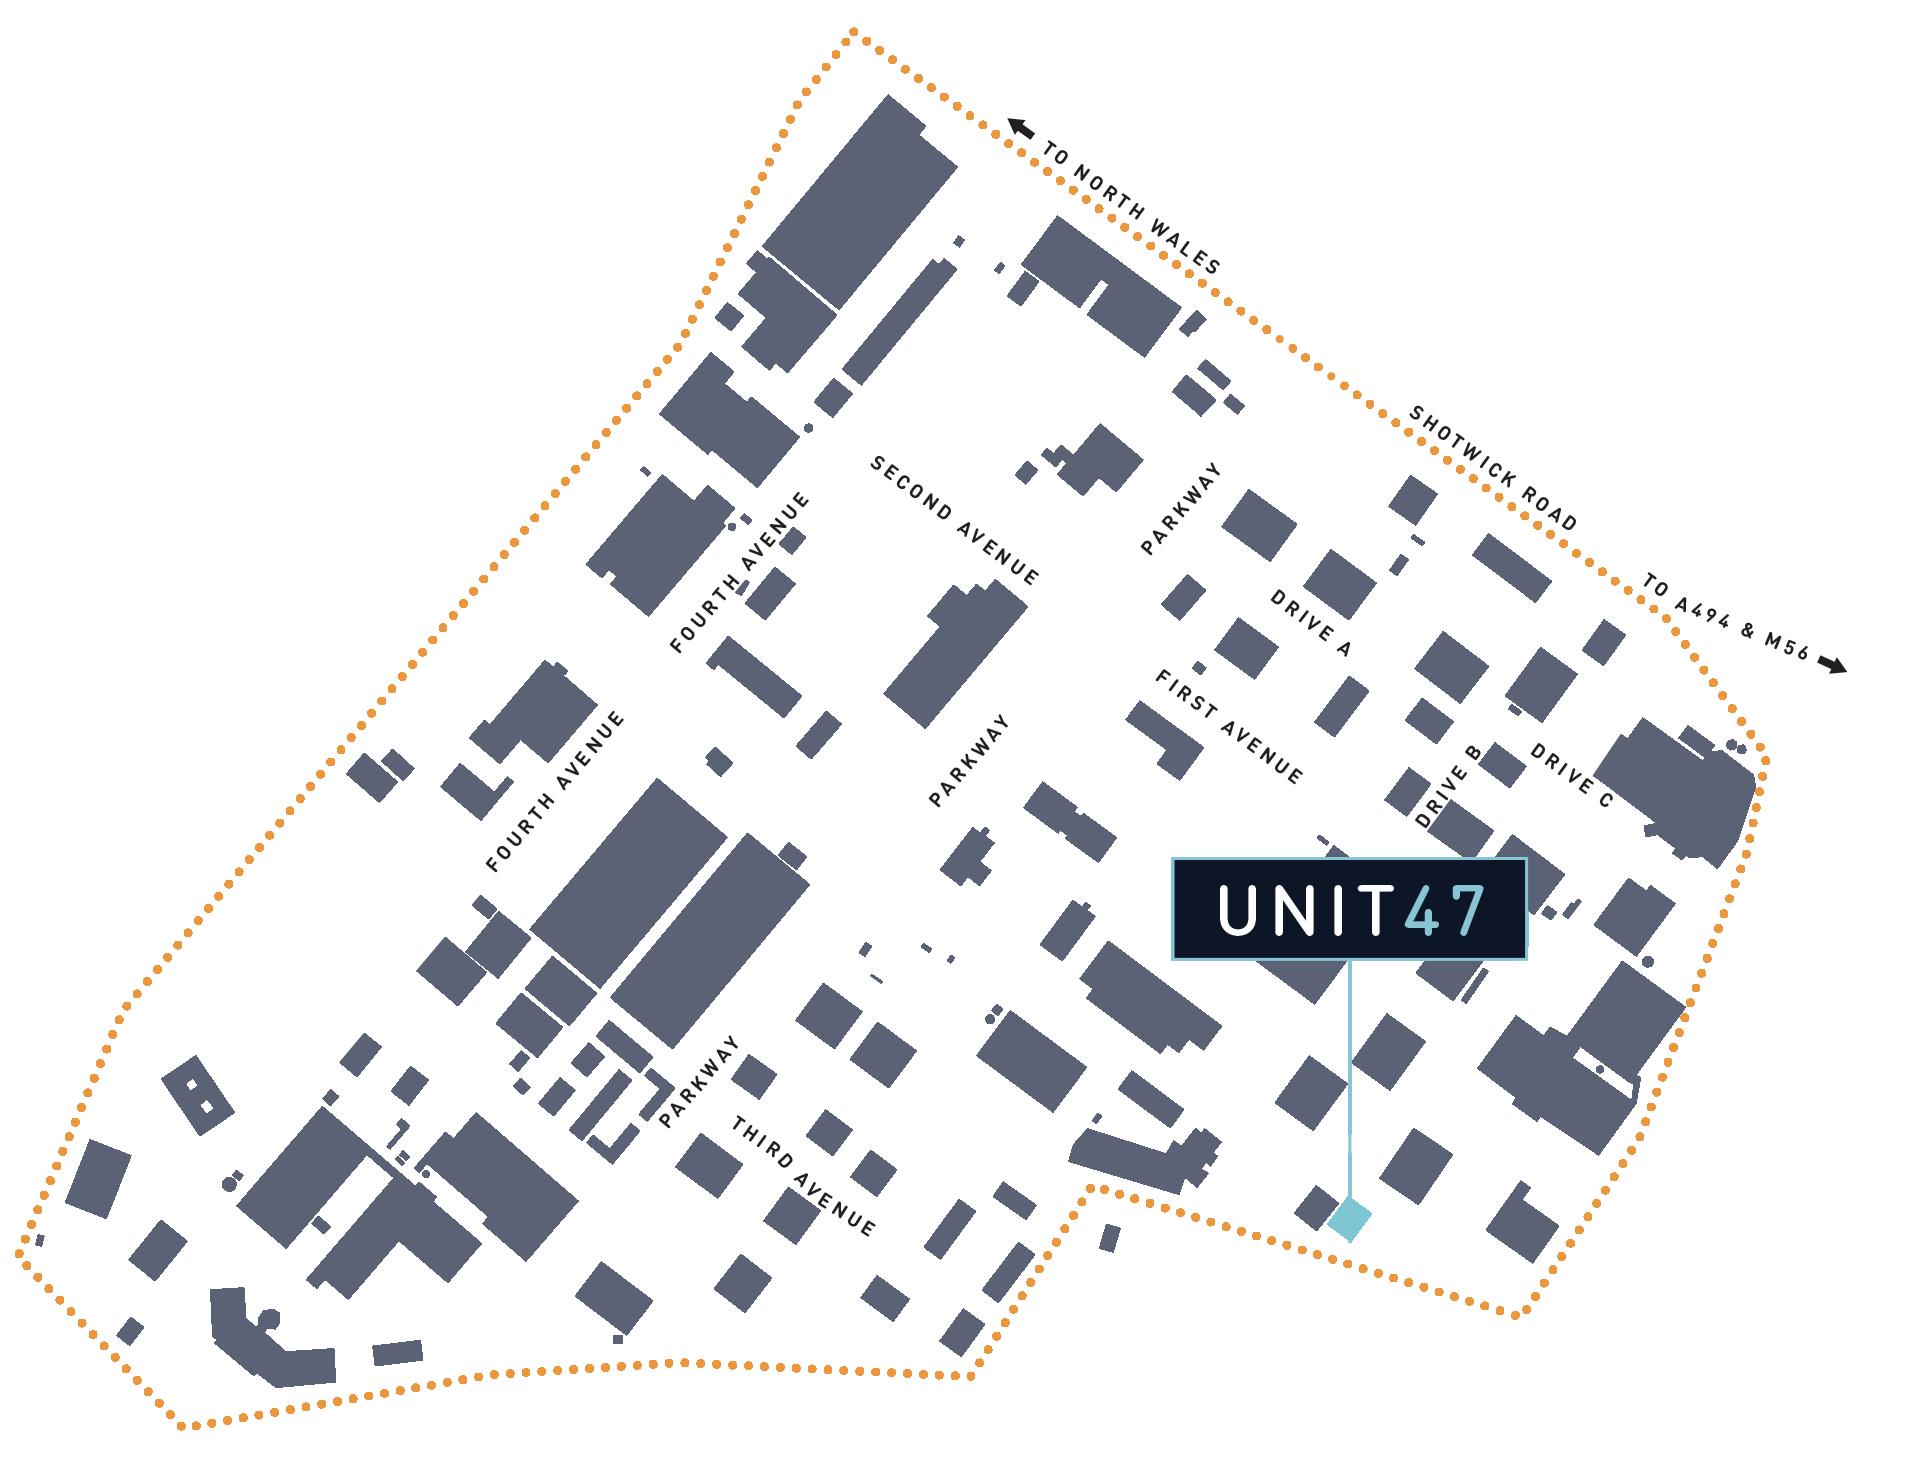 Unit 47 Plan